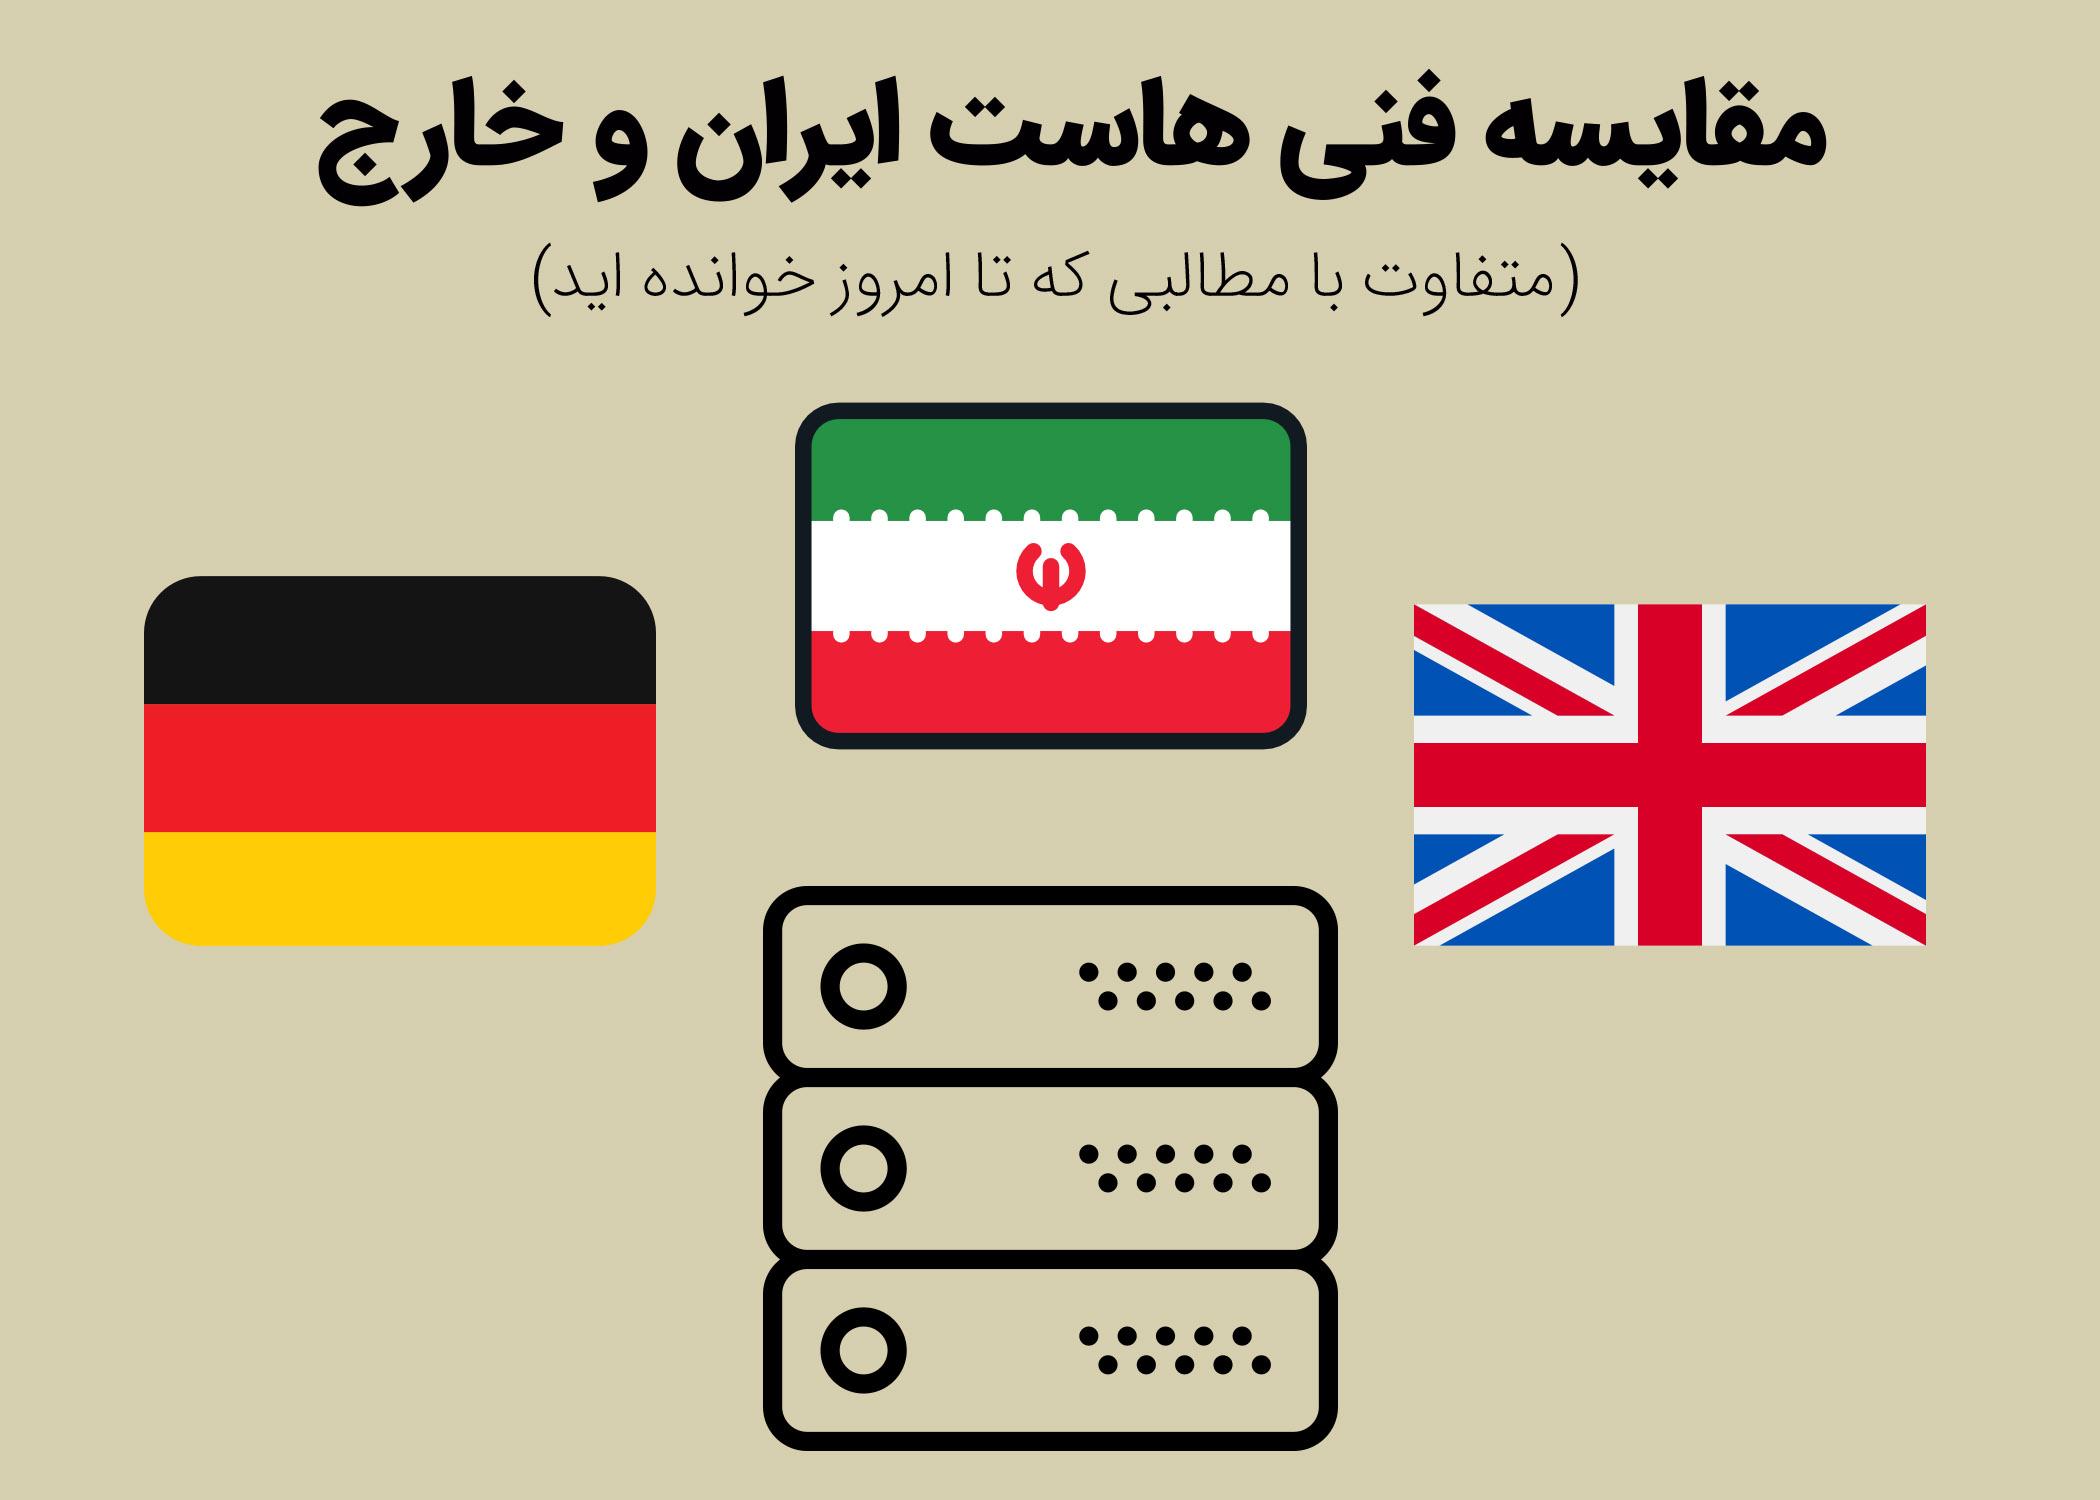 بالاخره هاست ایران یا خارج ؟ (مقاله ای متفاوت)